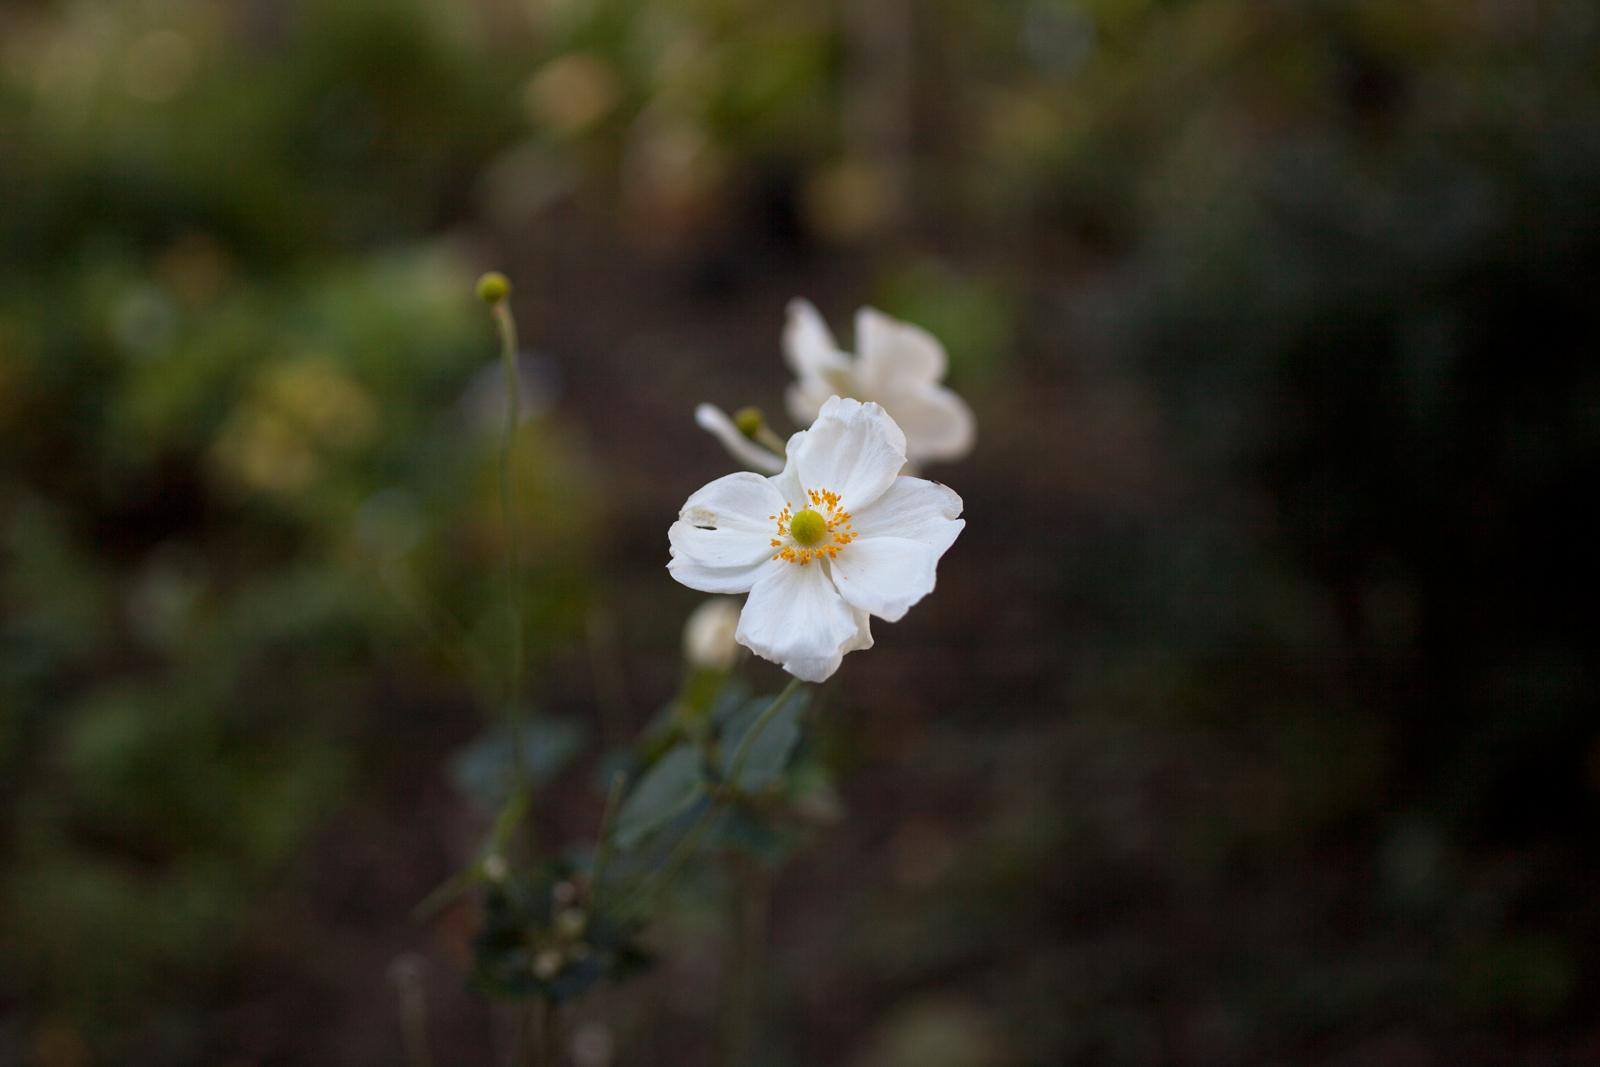 宝塚市立文化芸術センター庭園 メインガーデンのバラ